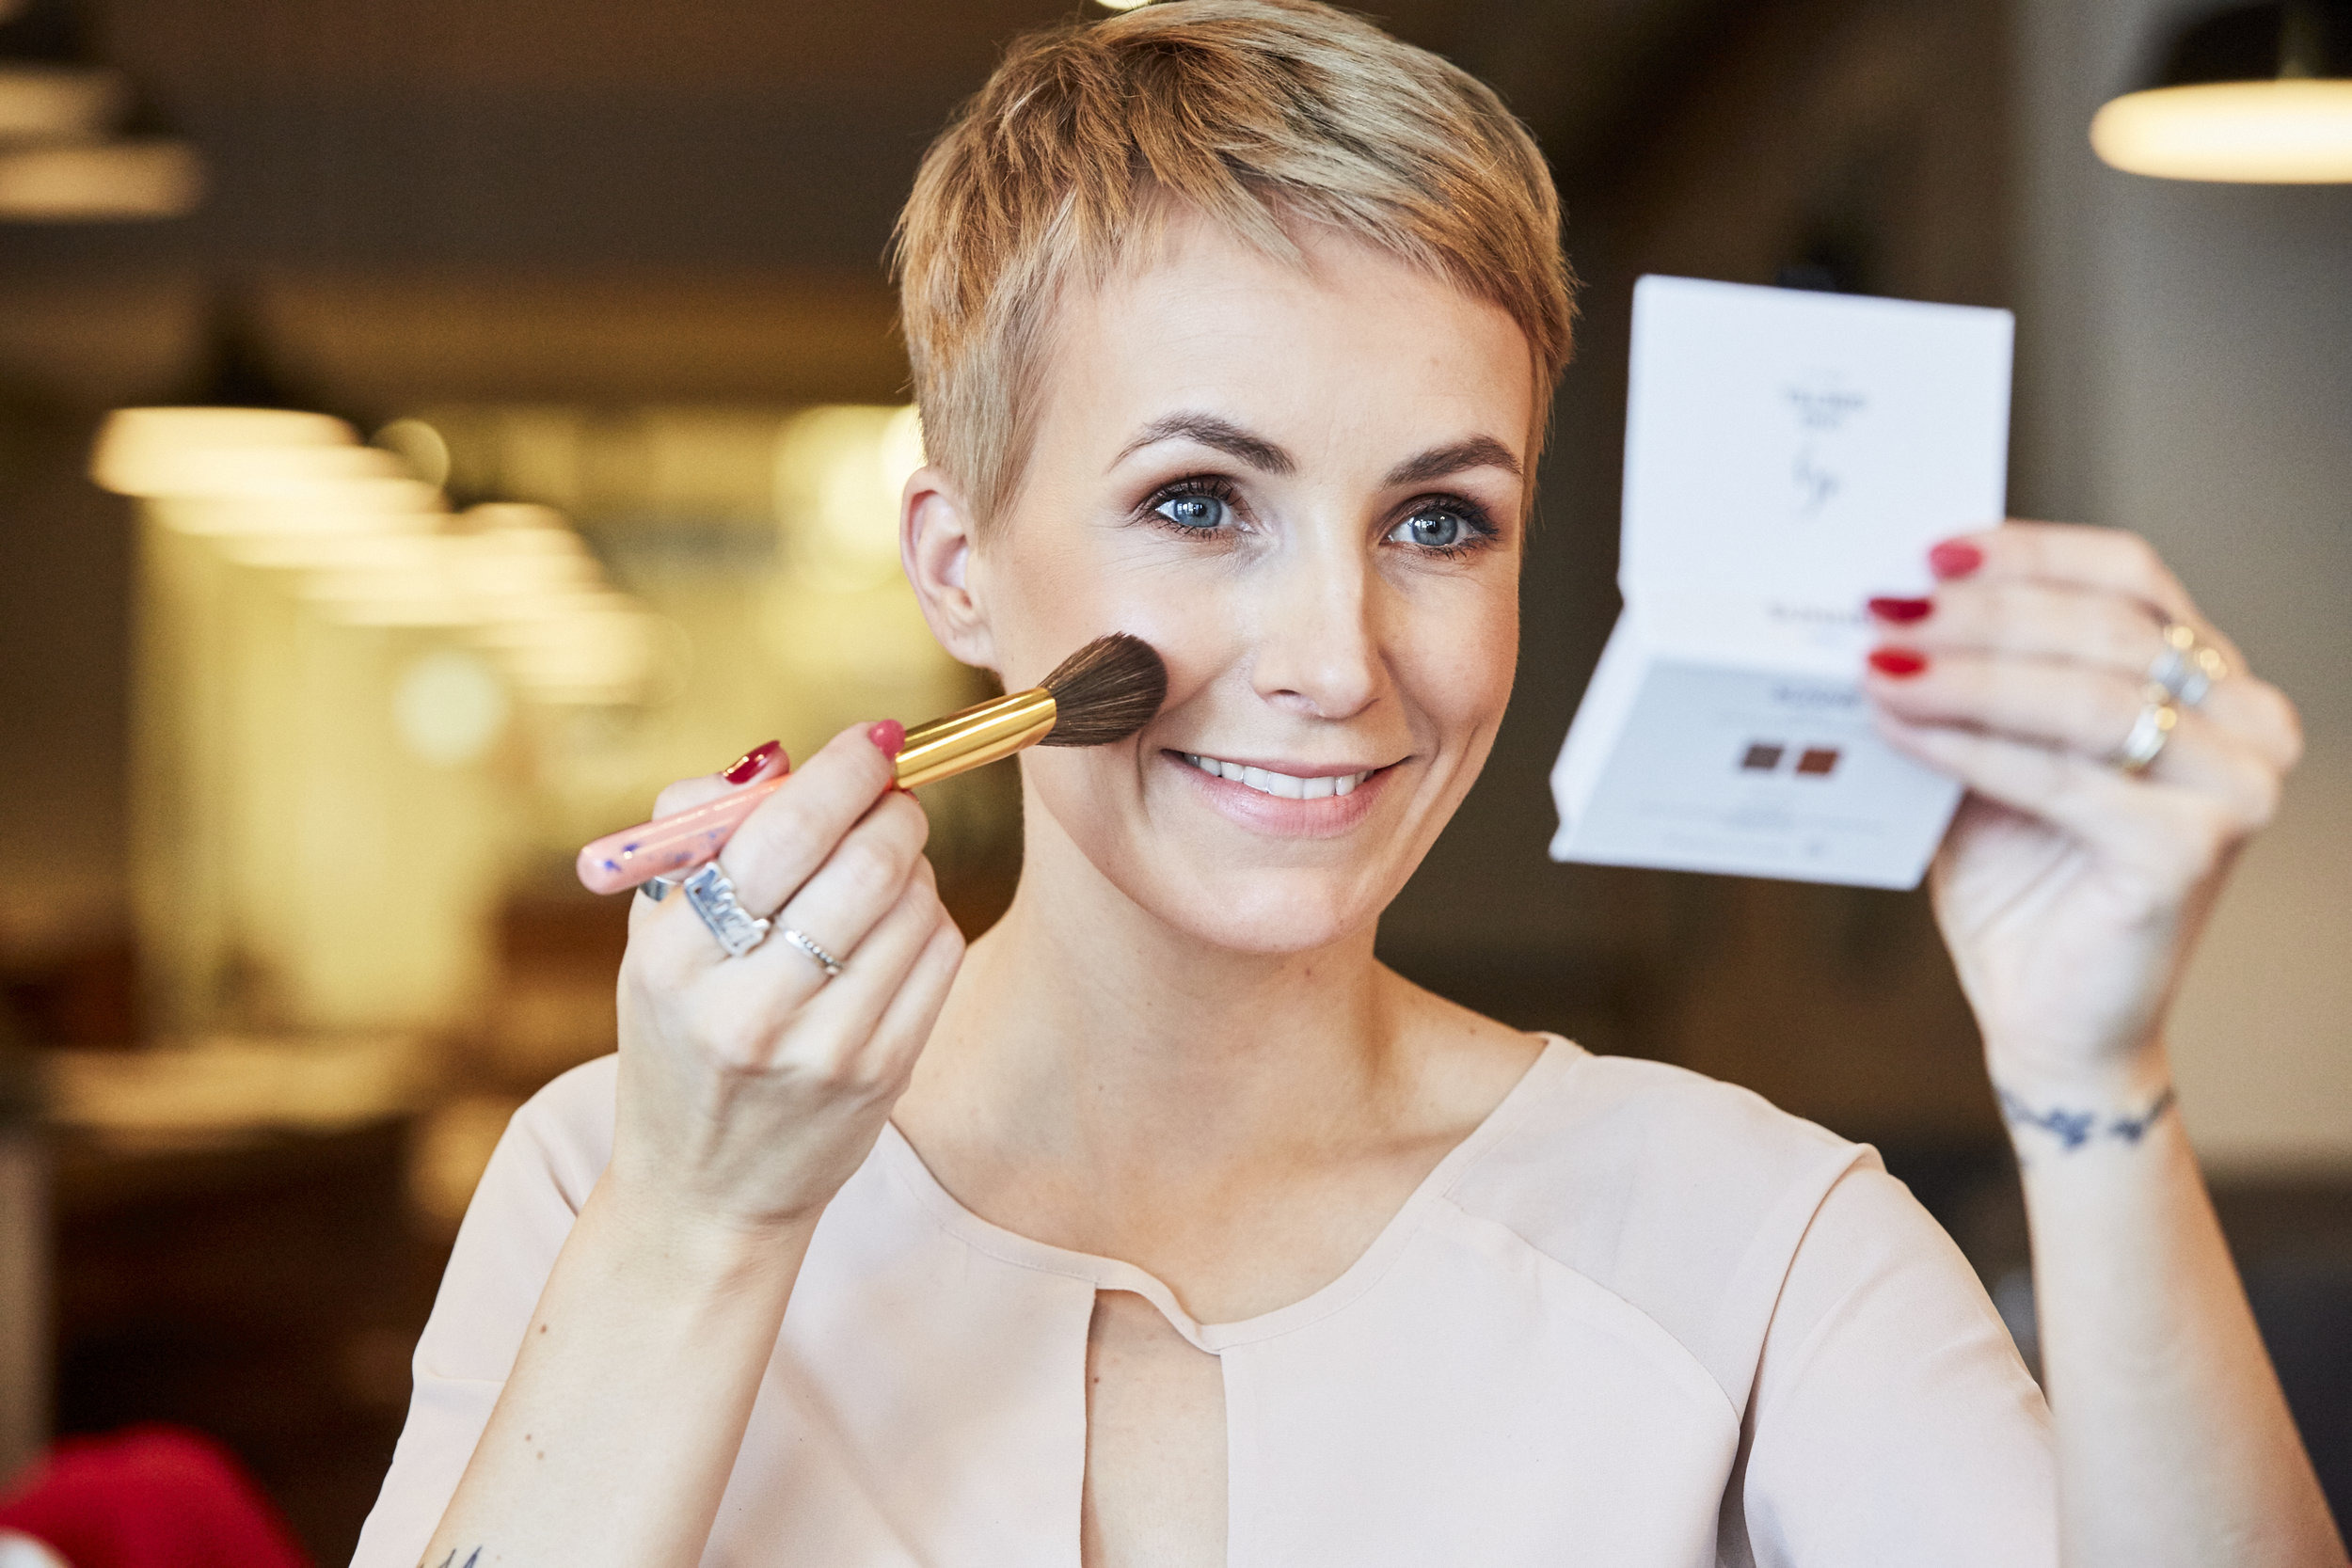 STEP-BY-STEP valentinstag make-up - In Kooperation mit UND GRETEL und dem Restaurant acht&dreissig stelle ich Dir heute mein Valentinstag Make-up Look vor. Es wird natürlich, bronzig.LOS GEHT'S